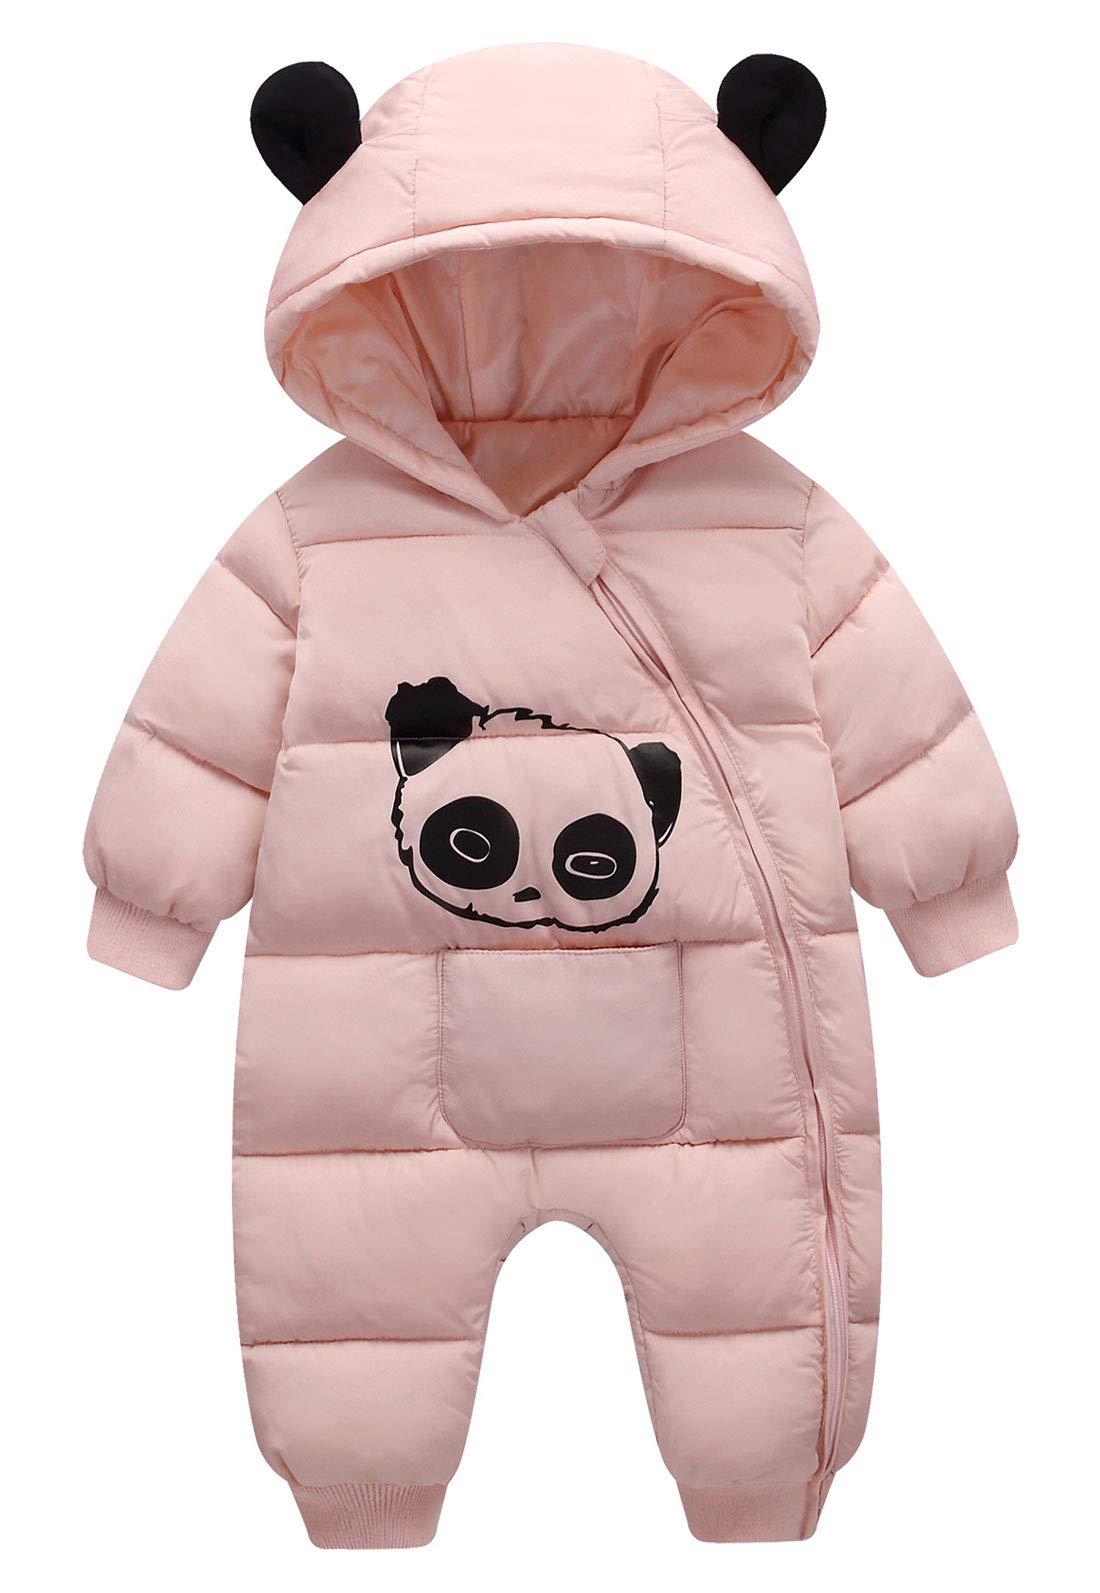 FEOYA Infant Baby Girls Boy Down Jacket Panda Hooded Winter Warm Coat Snowsuit Bunting Cotton Romper Jumpsuit